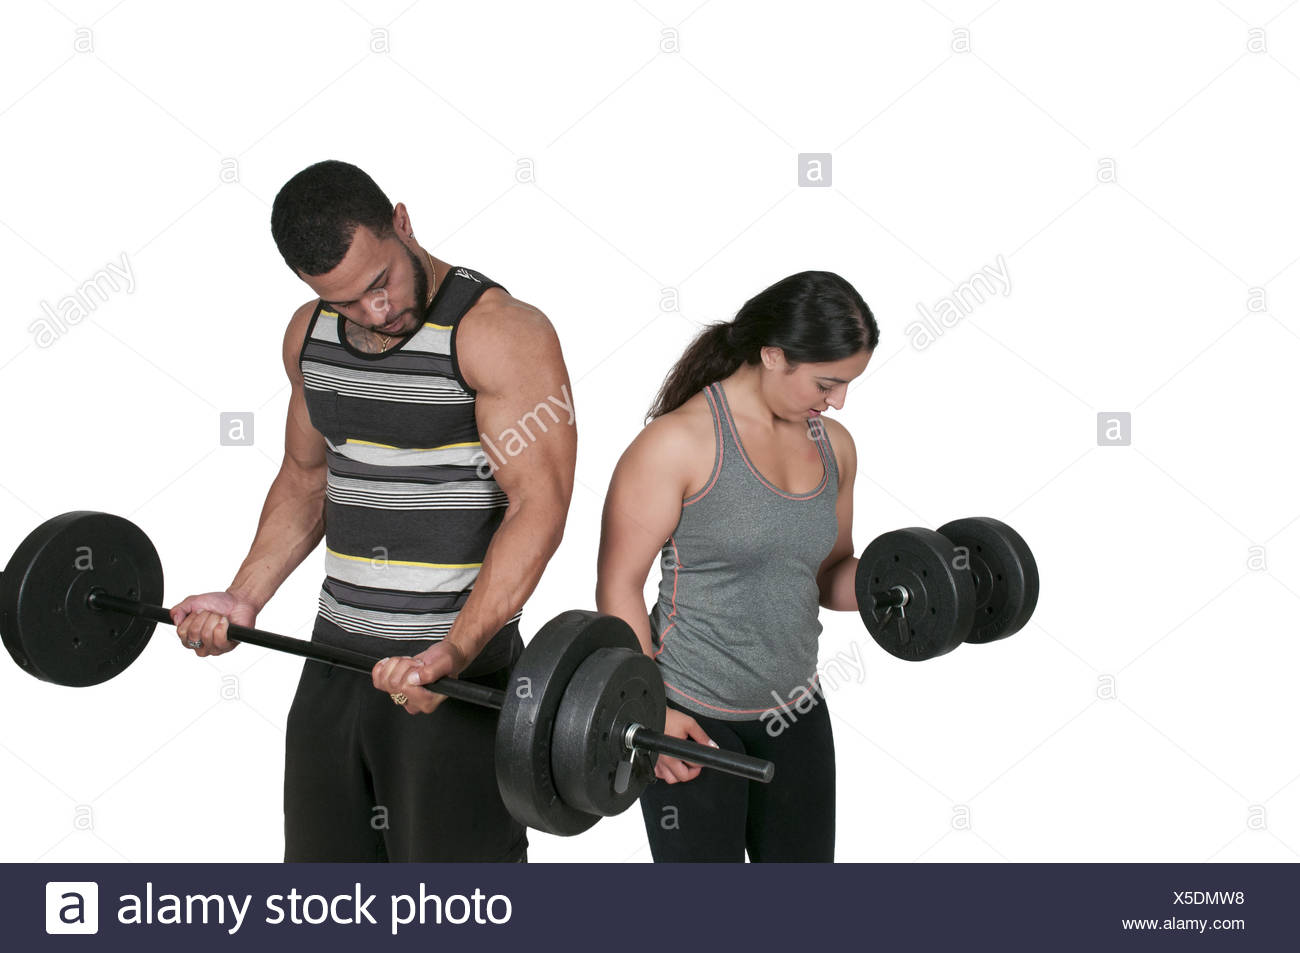 Personal Trainer Immagini Stock